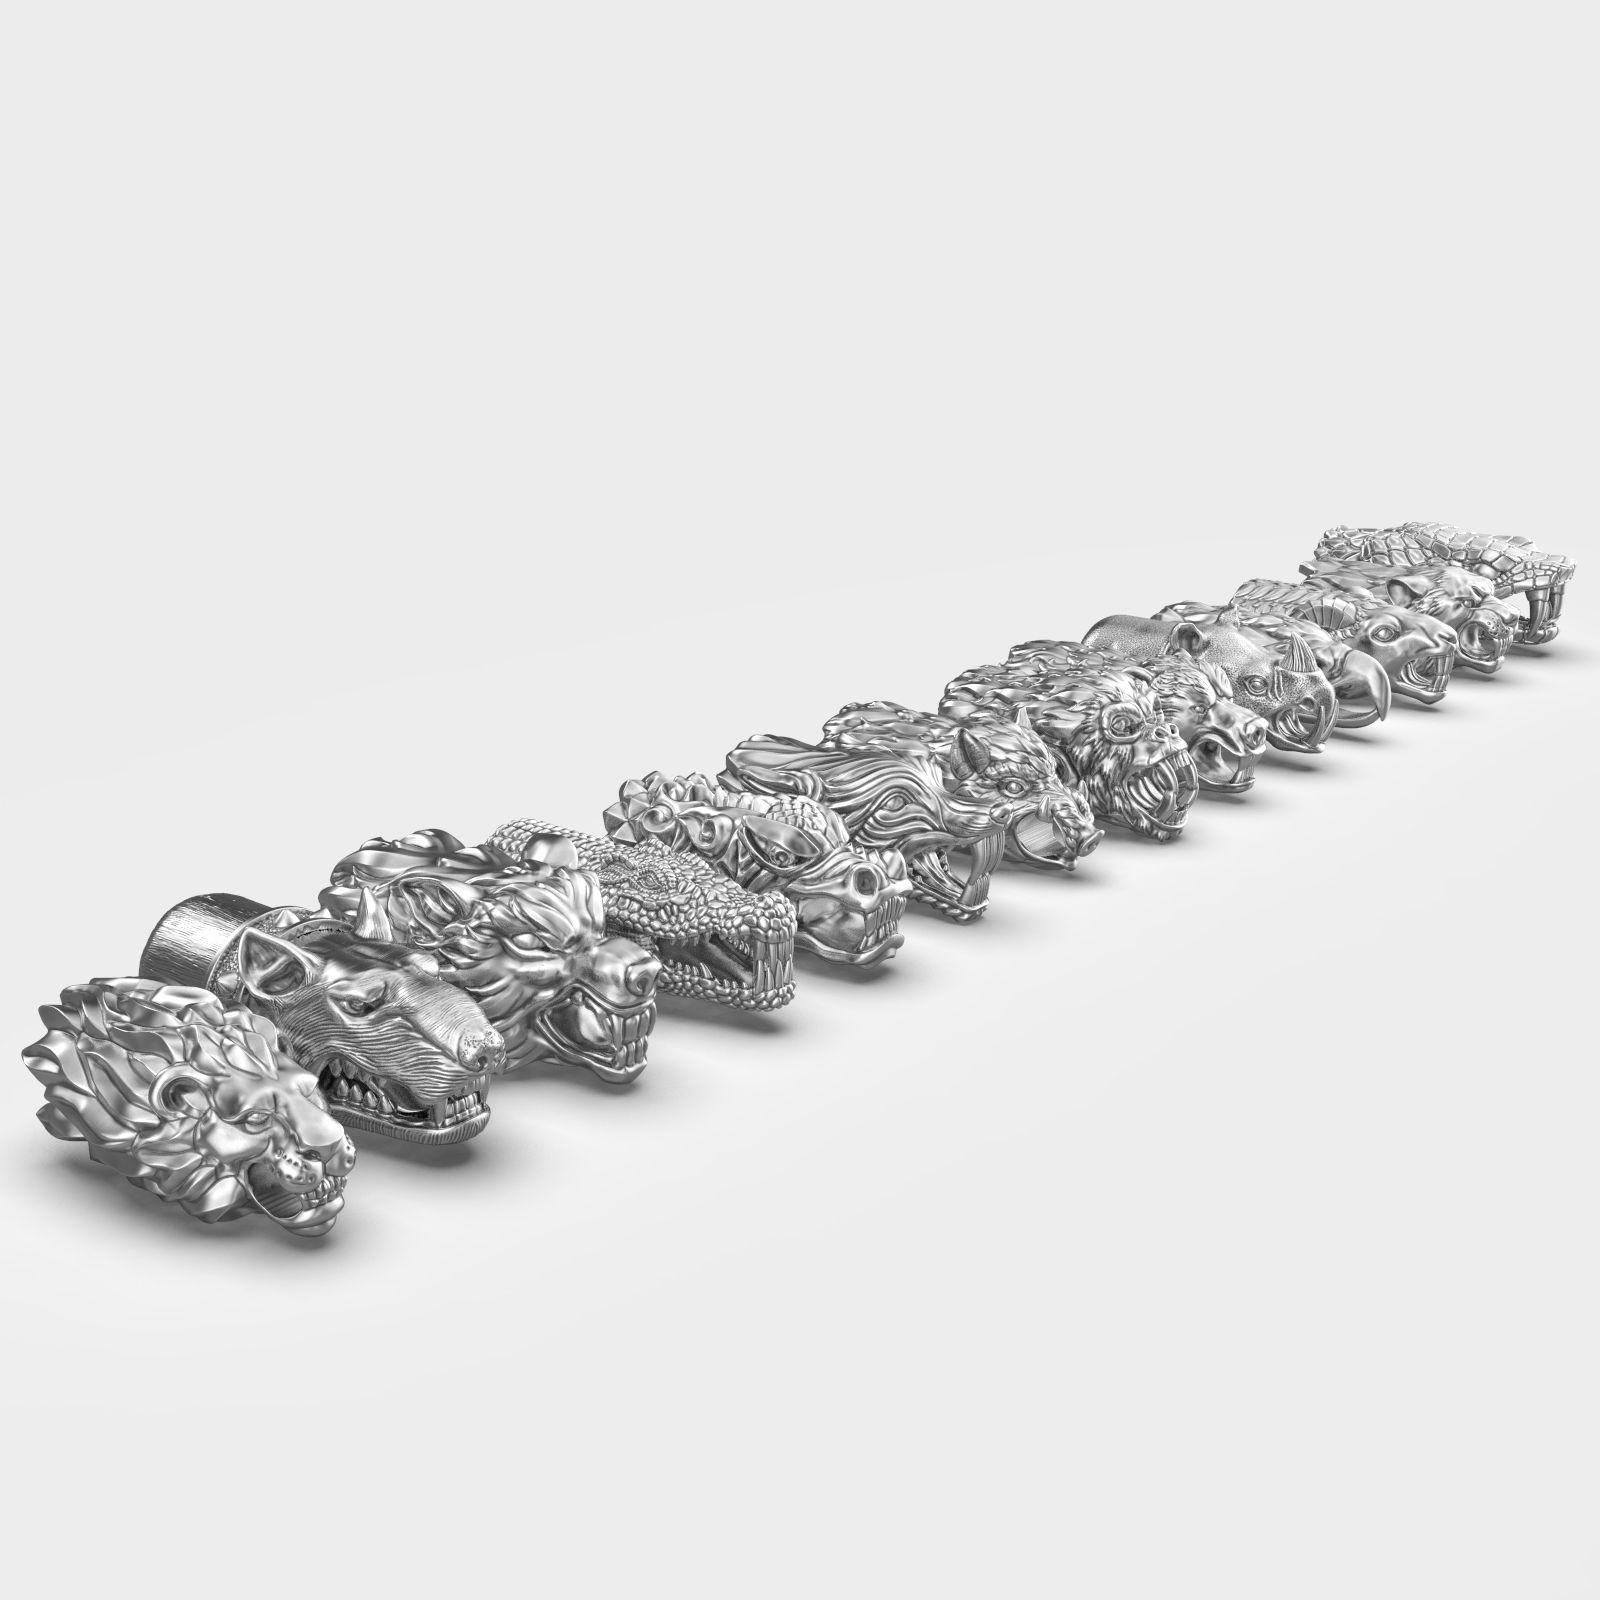 End pieces for bracelets  5mm